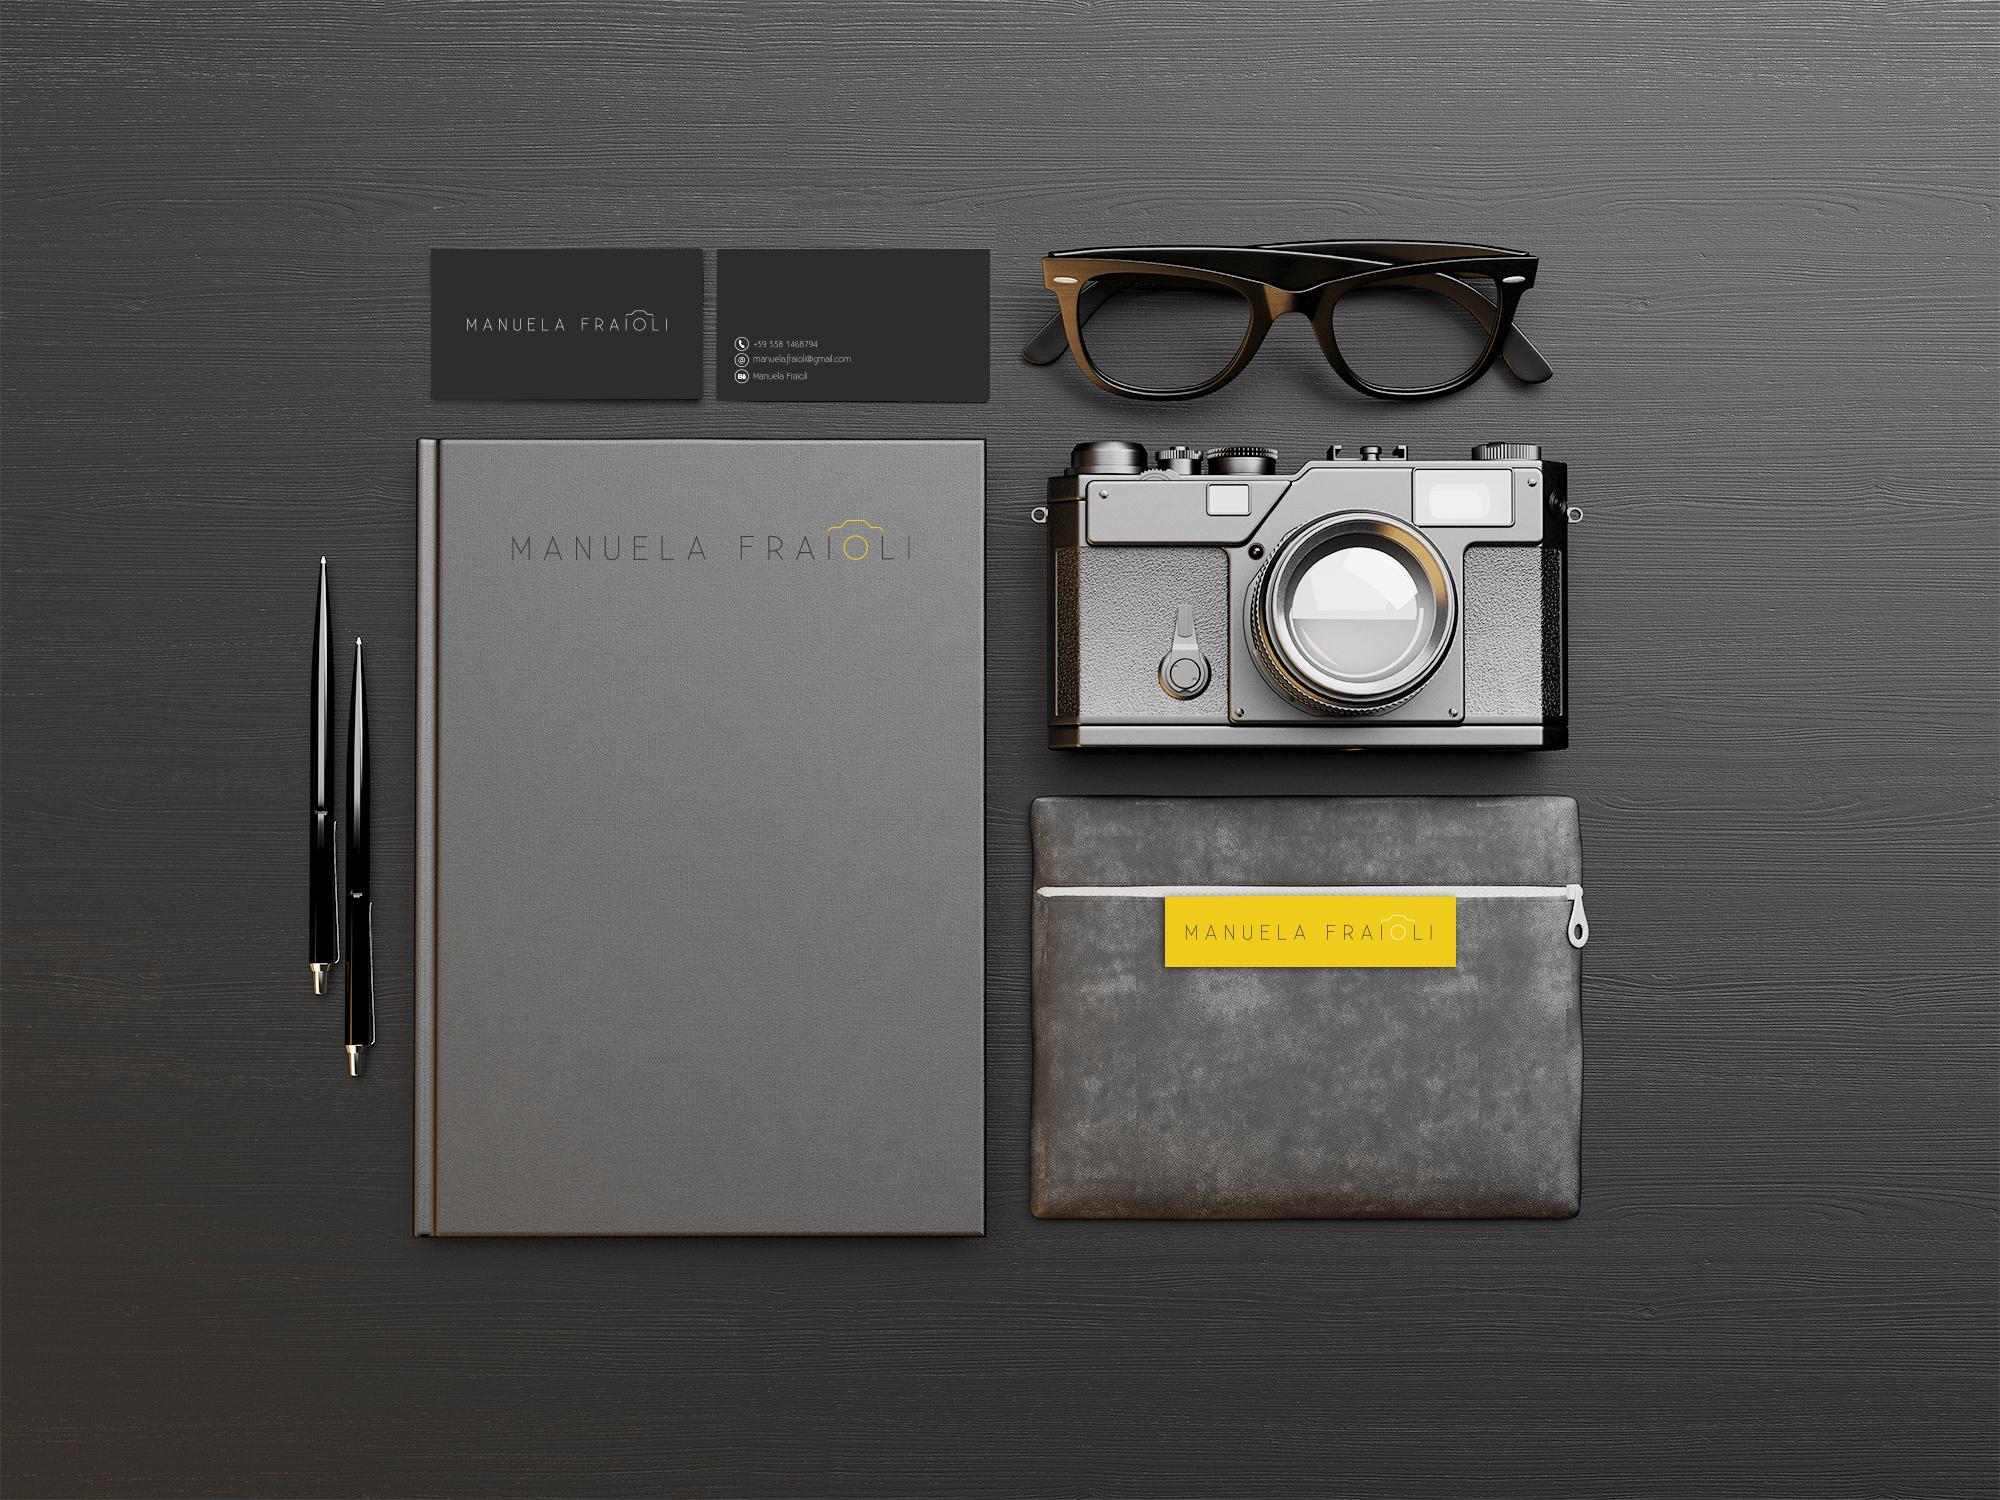 Manuela Fraioli / brand identity